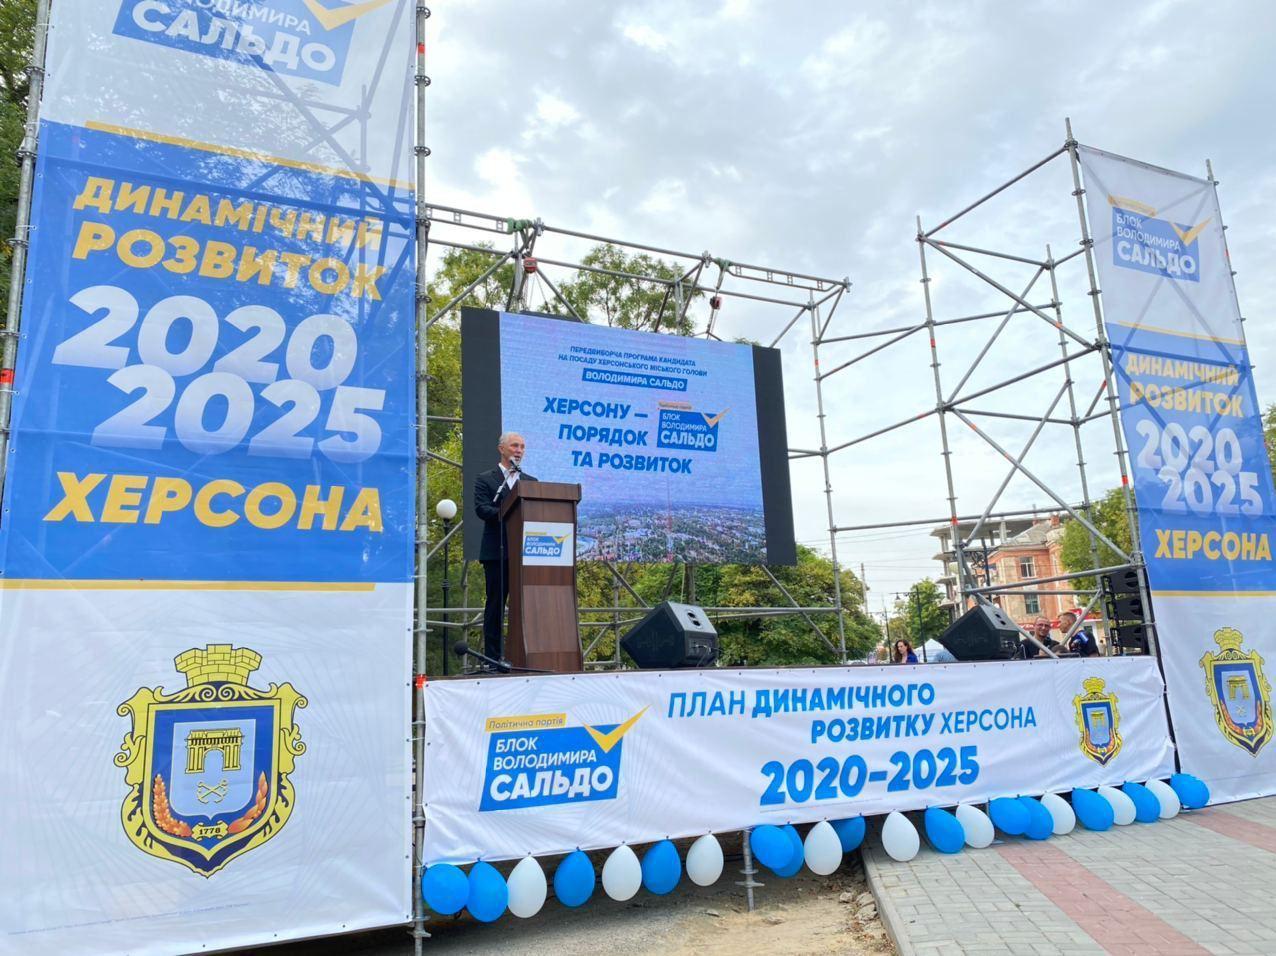 В Херсоне презентовали динамический план развития города на 2020-2025 год